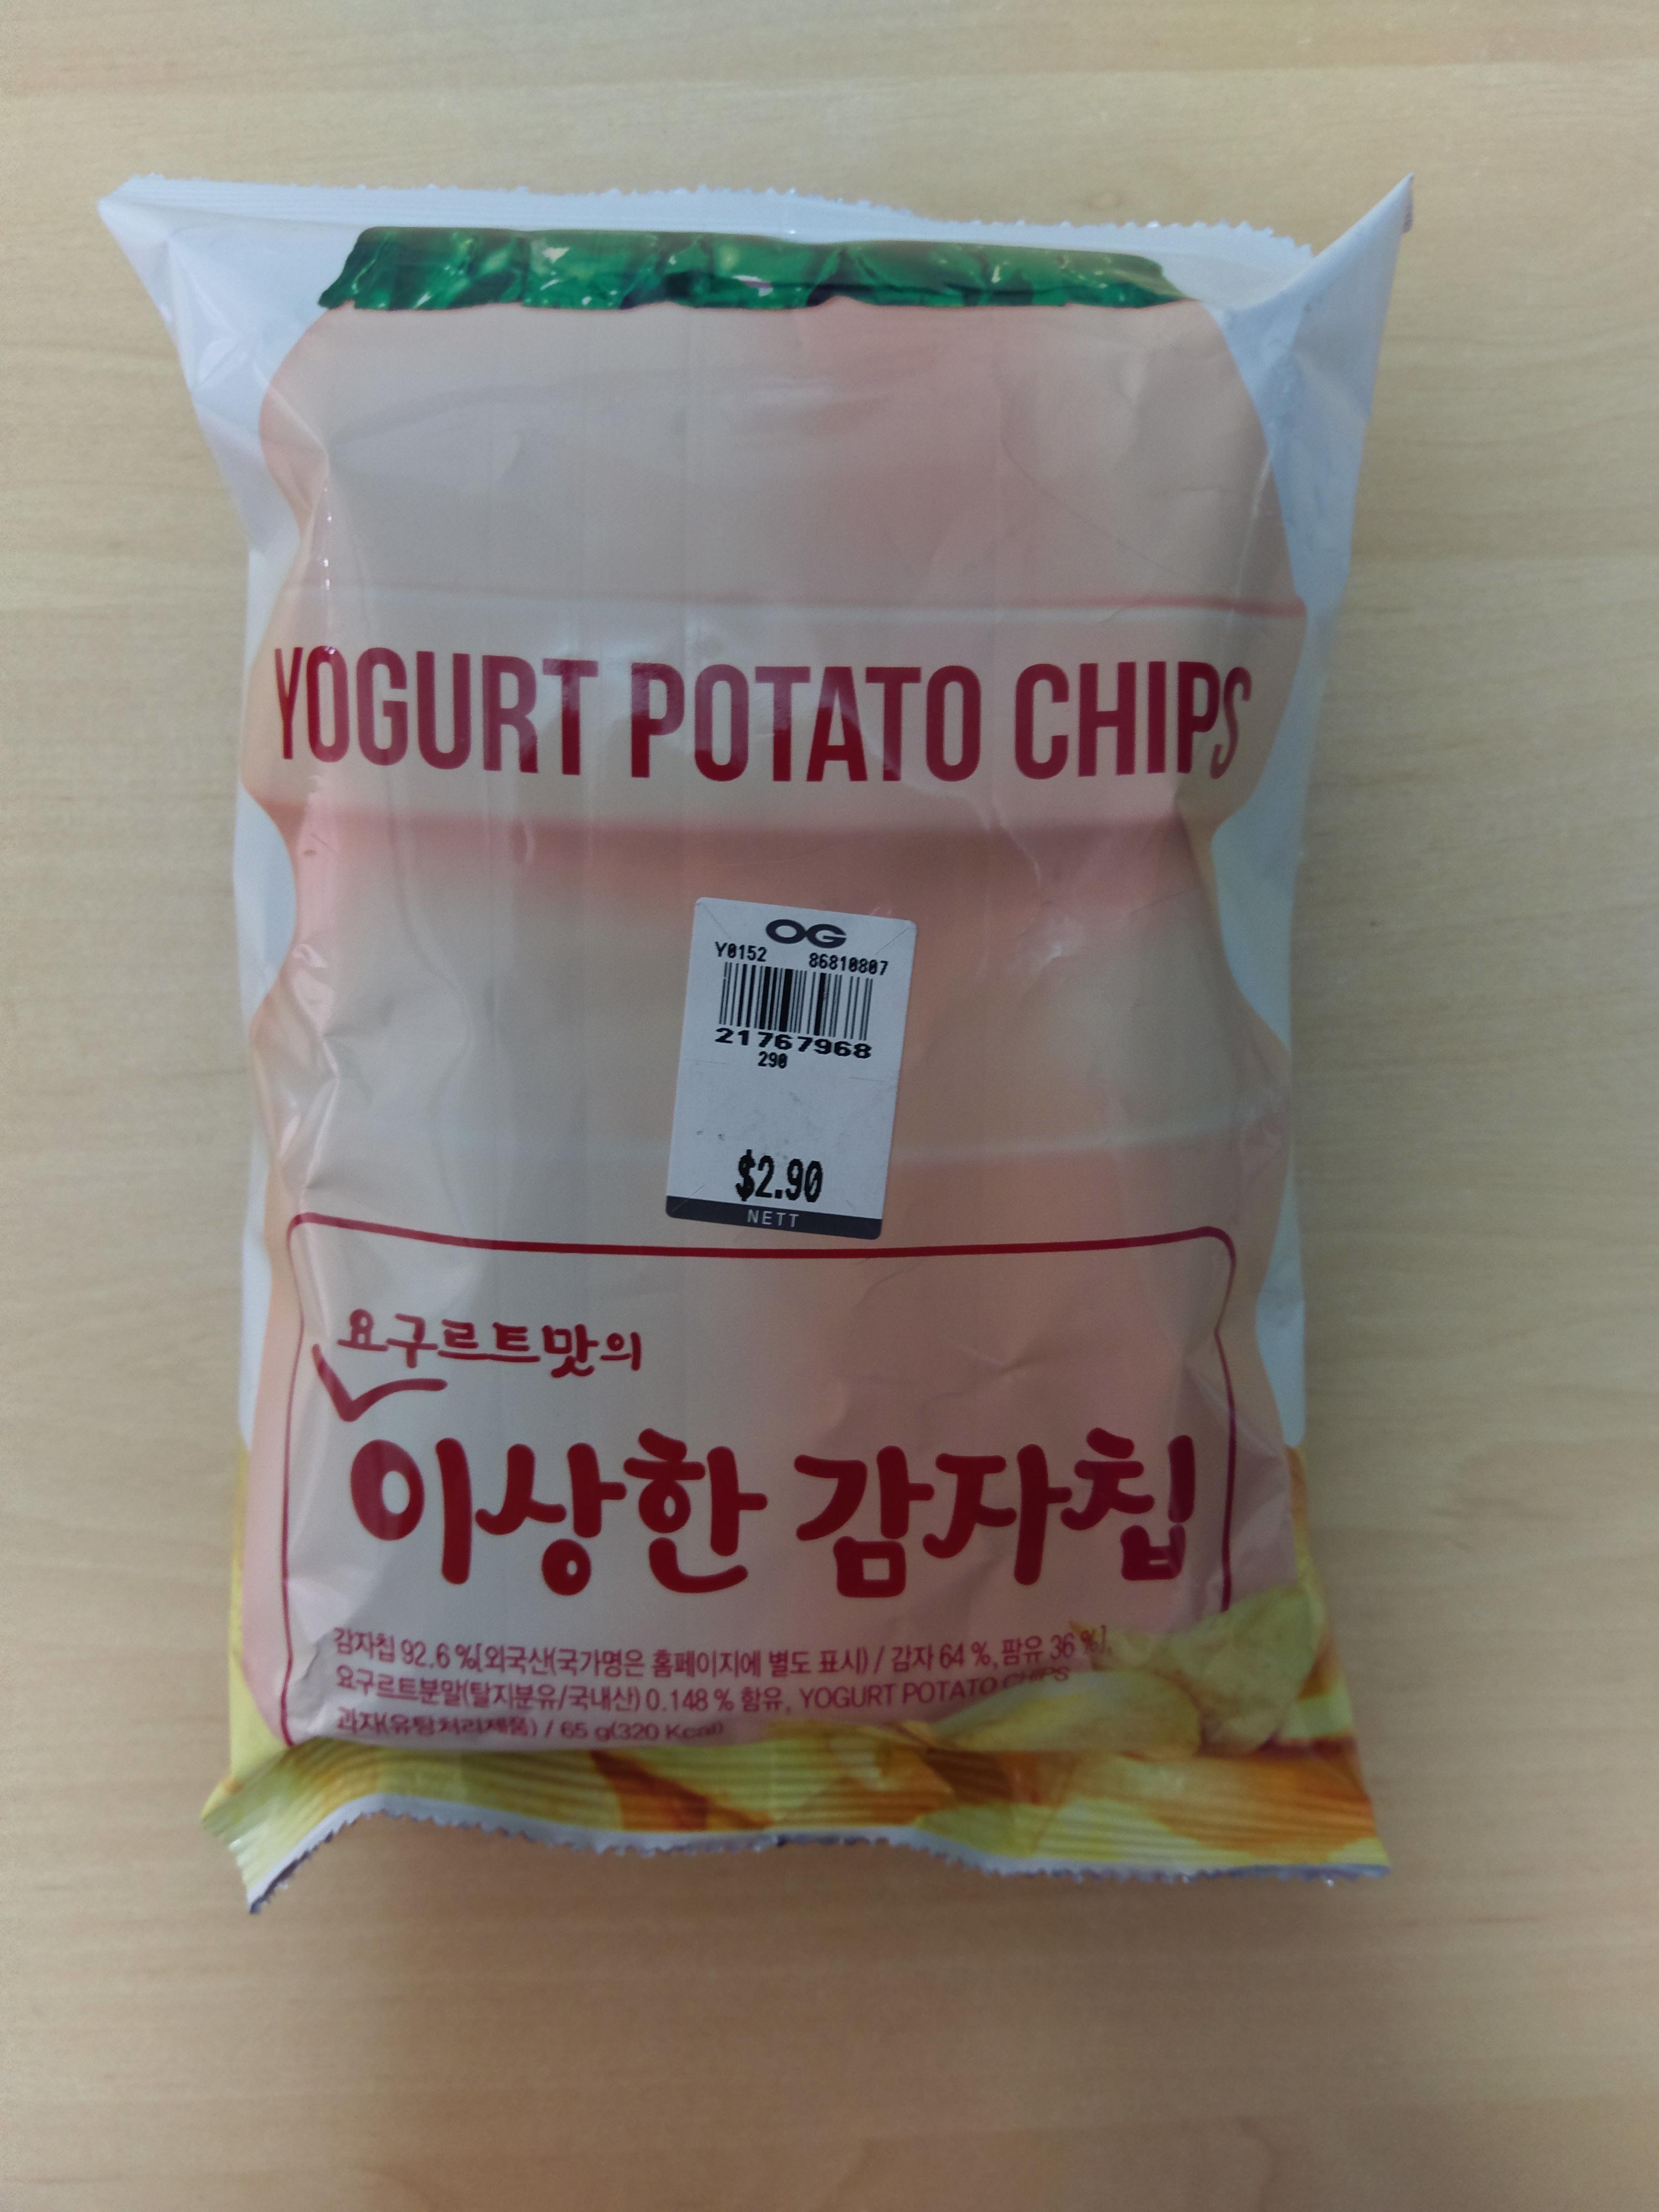 Cosmos Yogurt Potato Chips packet